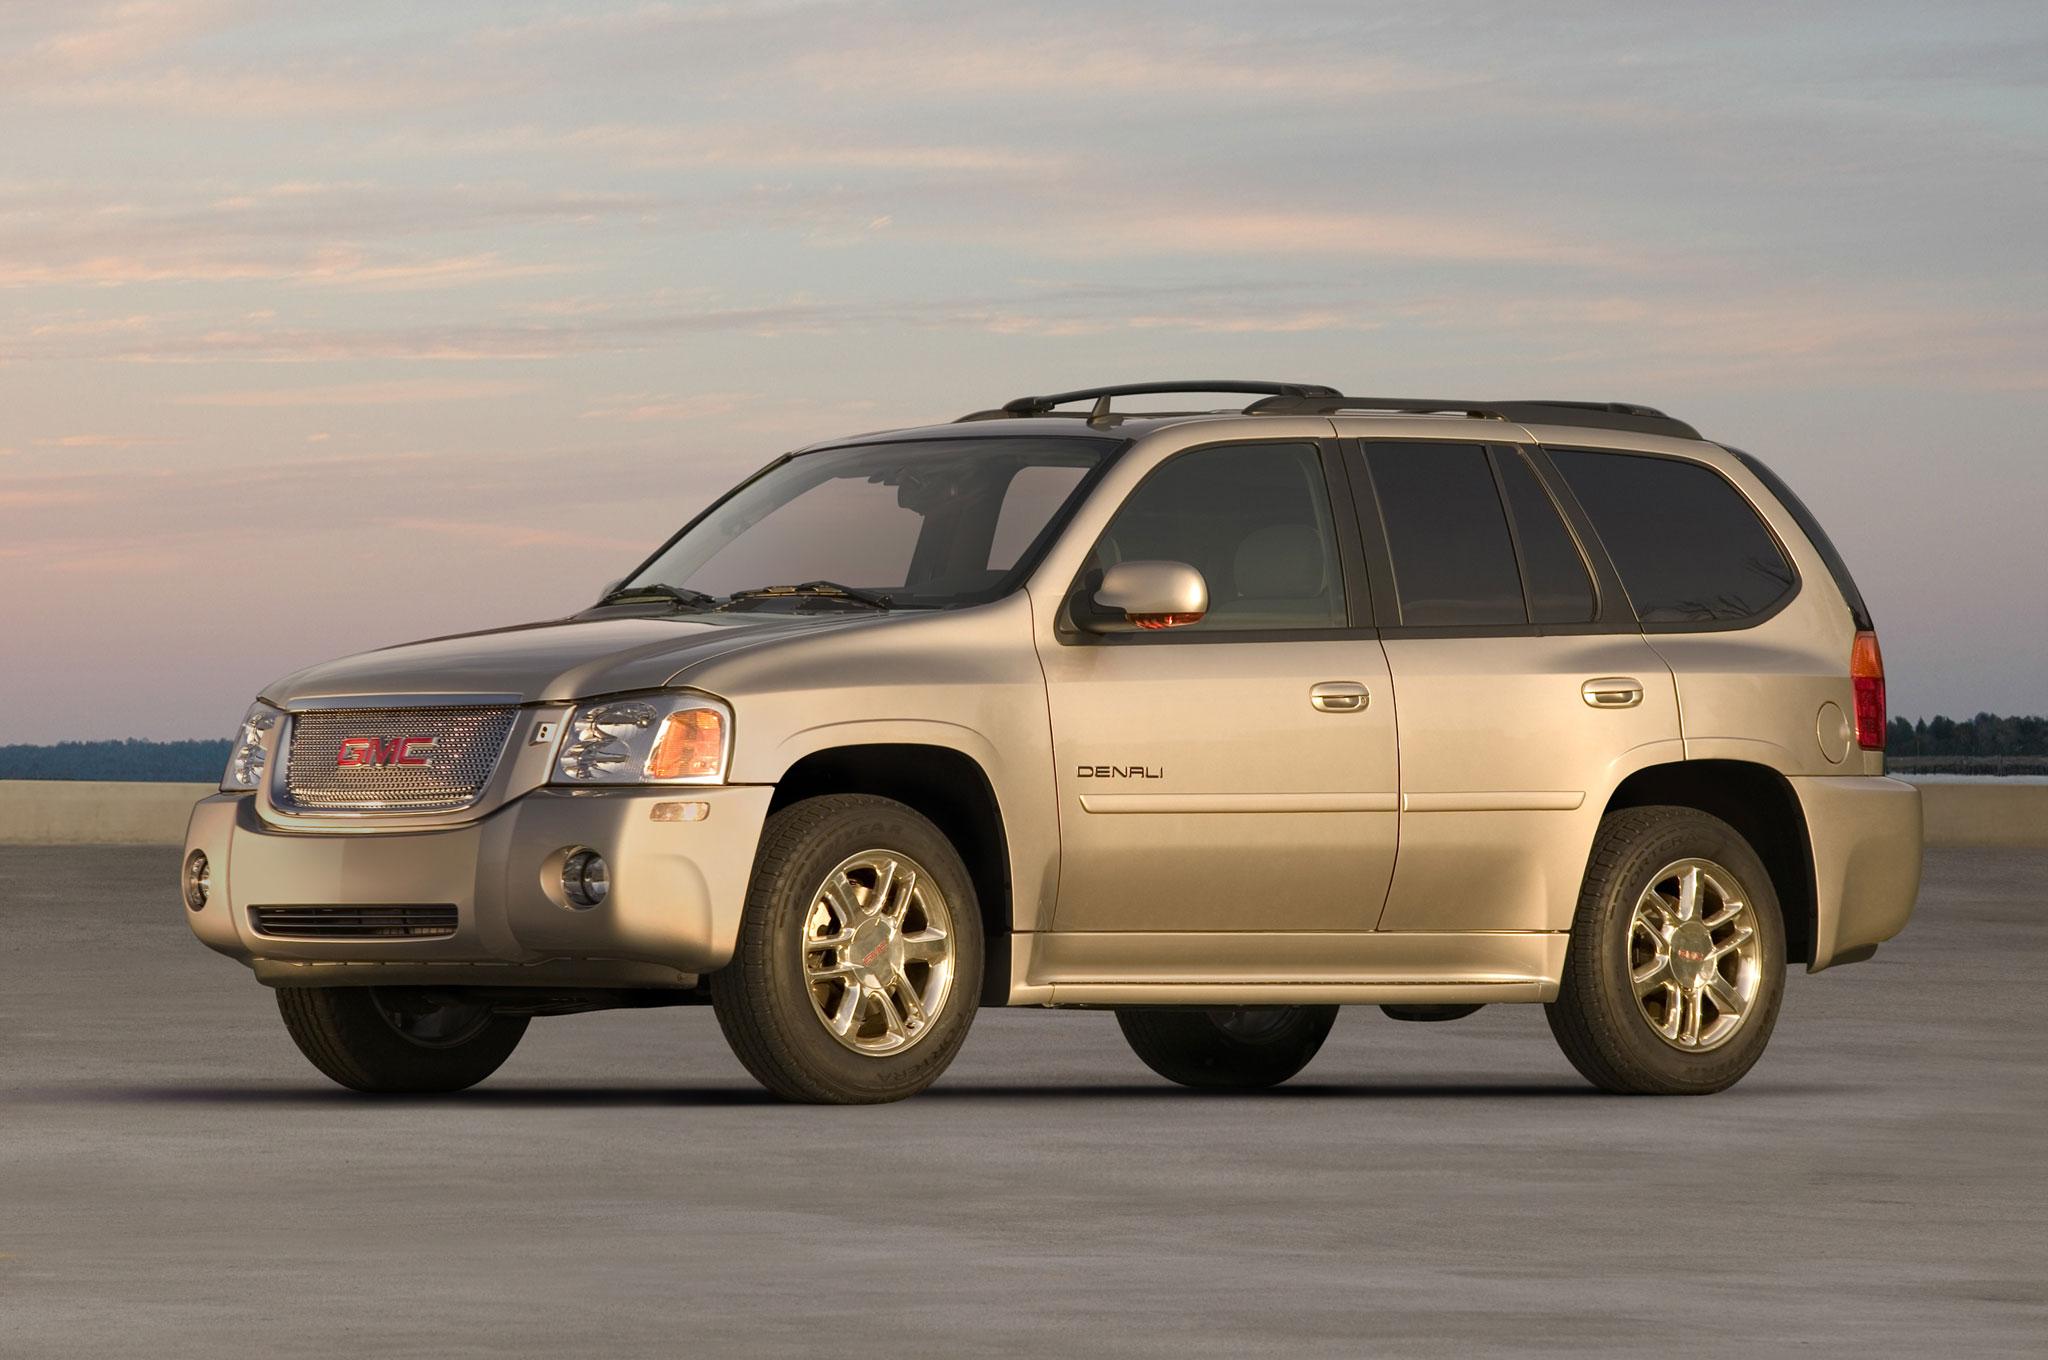 2006-2007 Chevrolet Trailblazer, GMC Envoy, Other GMT 360 ...